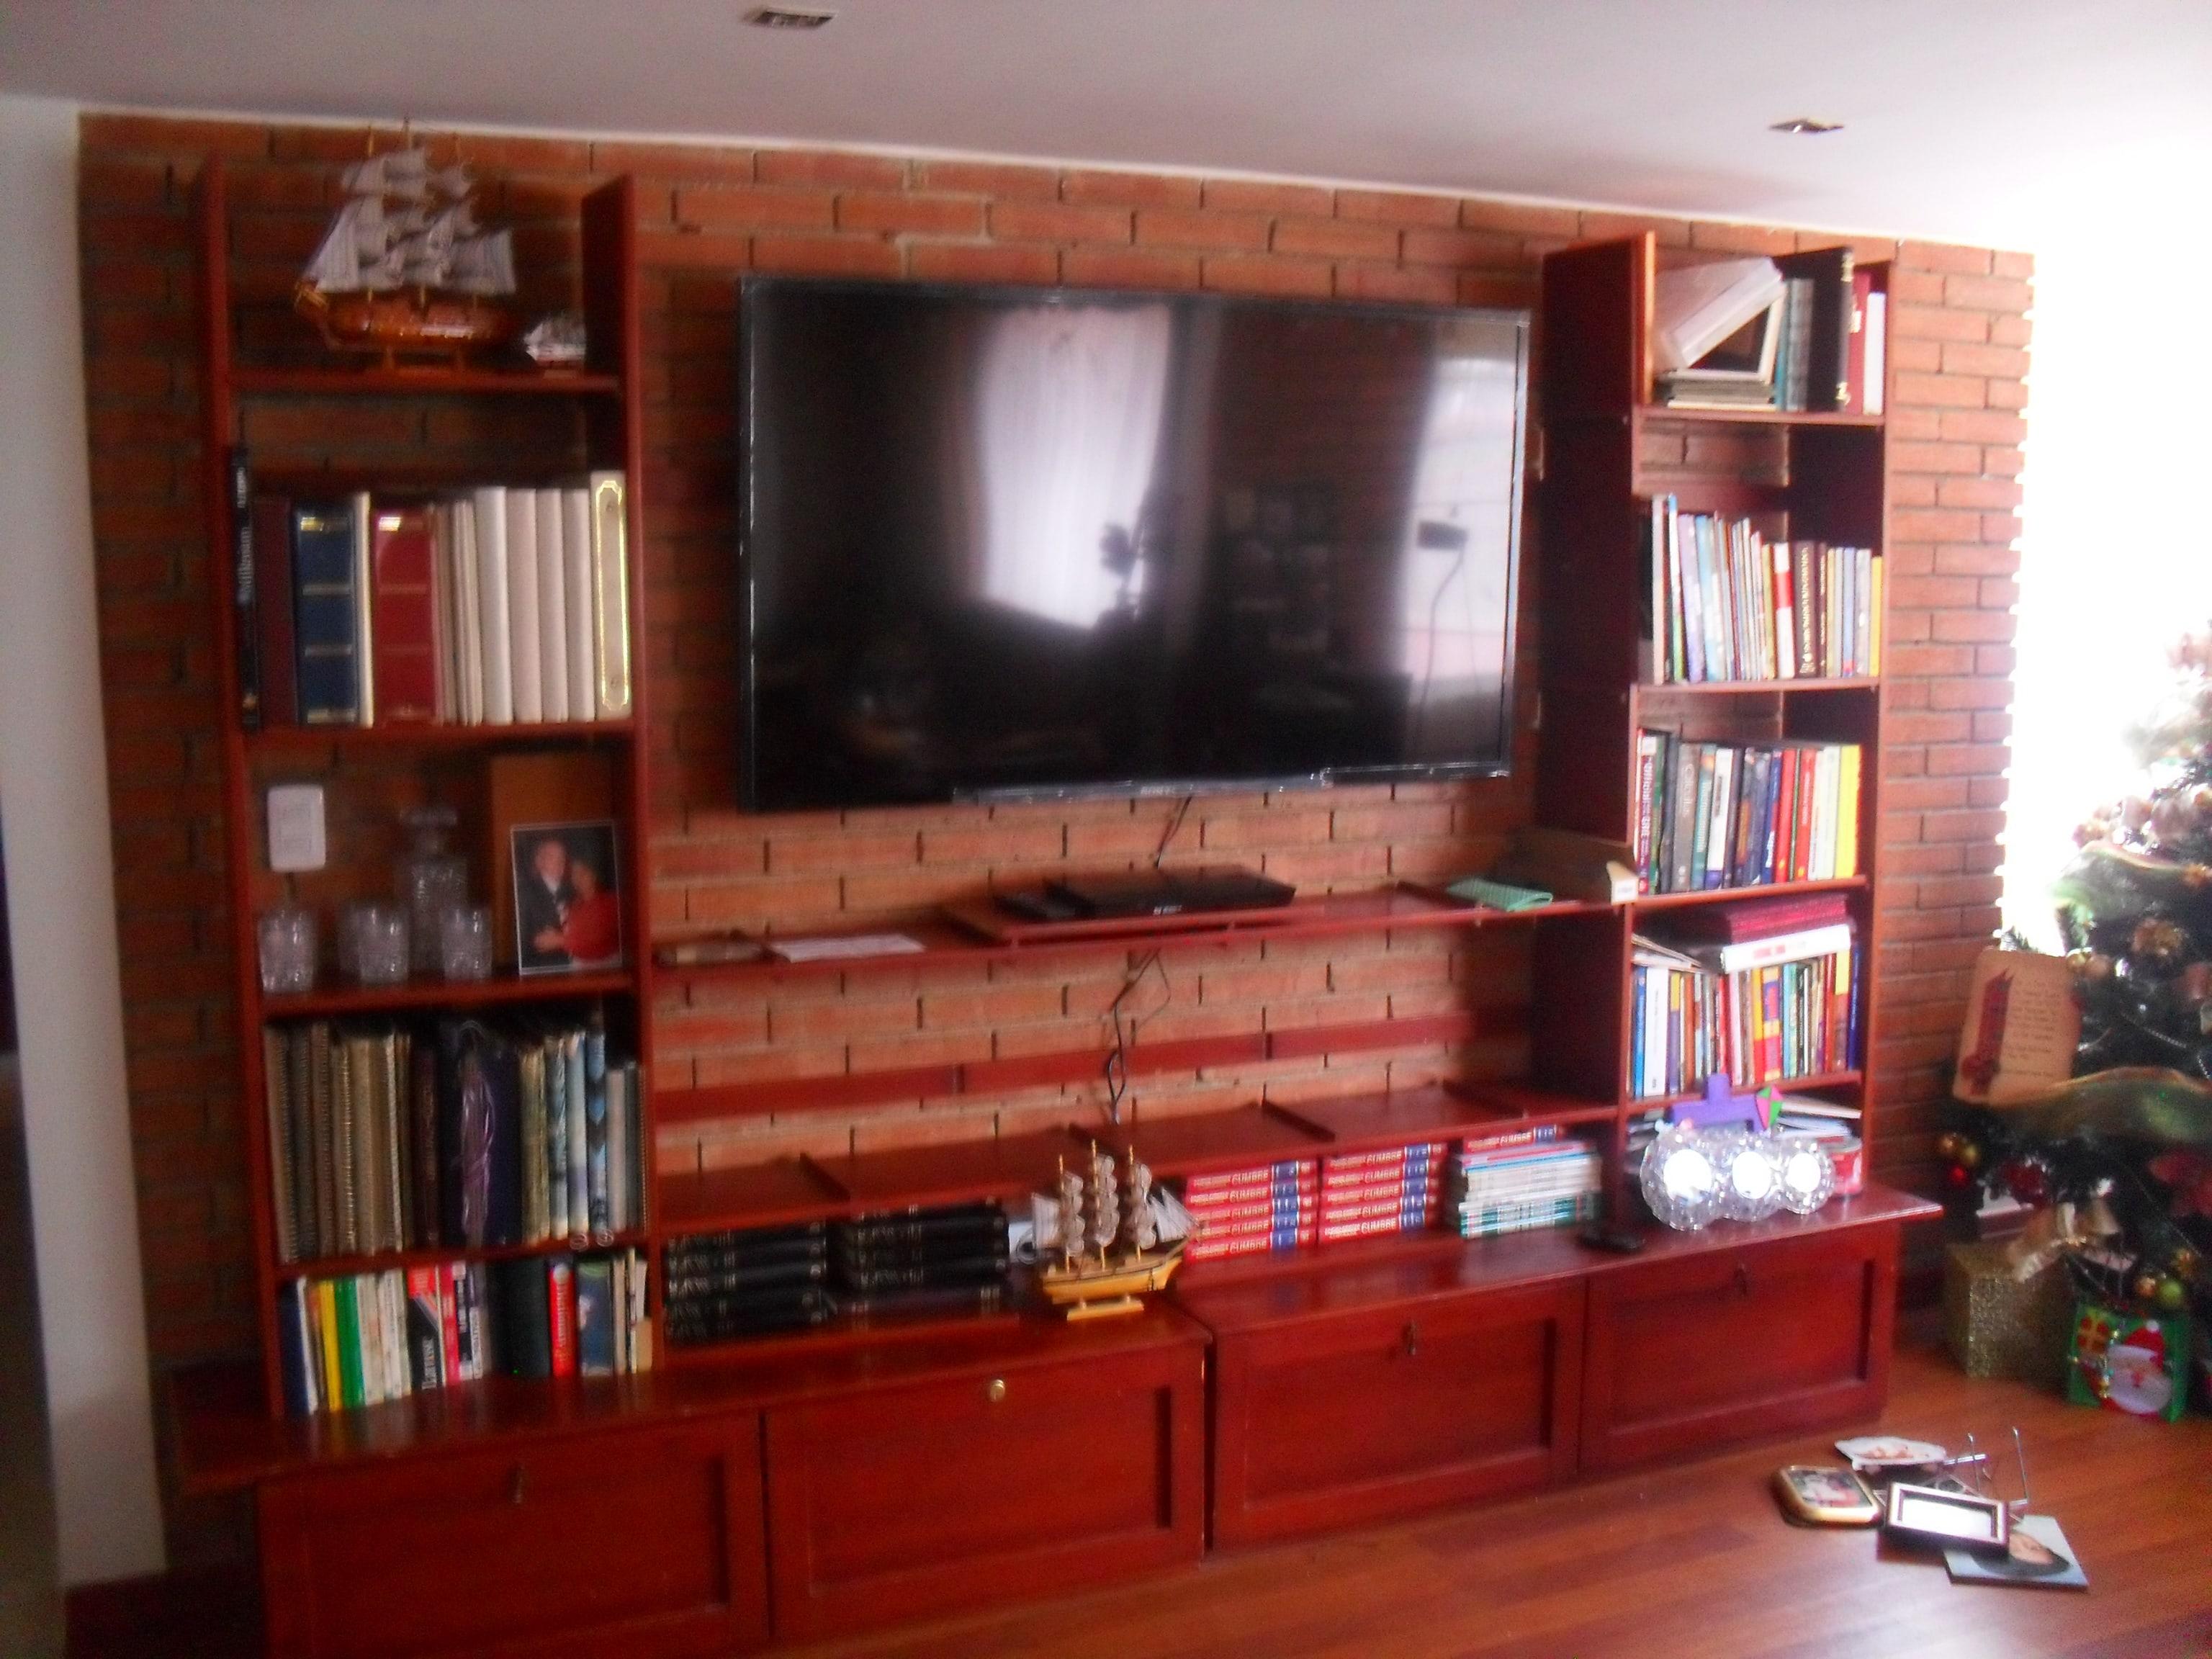 Empotrar tv led lcd en closet armario mueble y biblioteca con